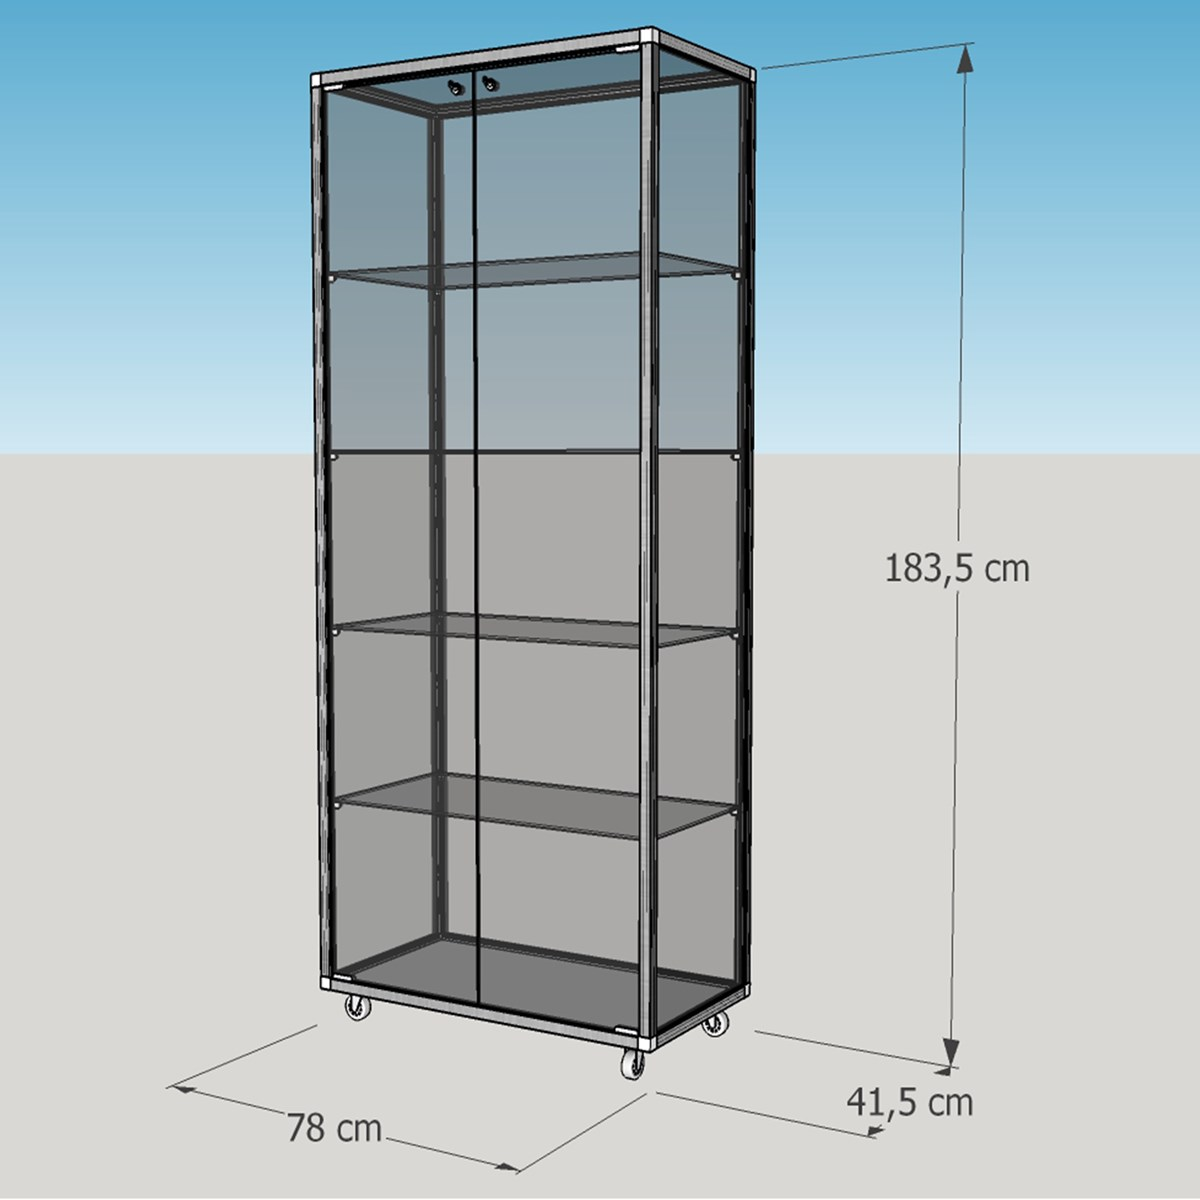 Breite Stehende Glasvitrine Abschließbar 80 Cm Ohne Spiegelrückwand Auf Rollen